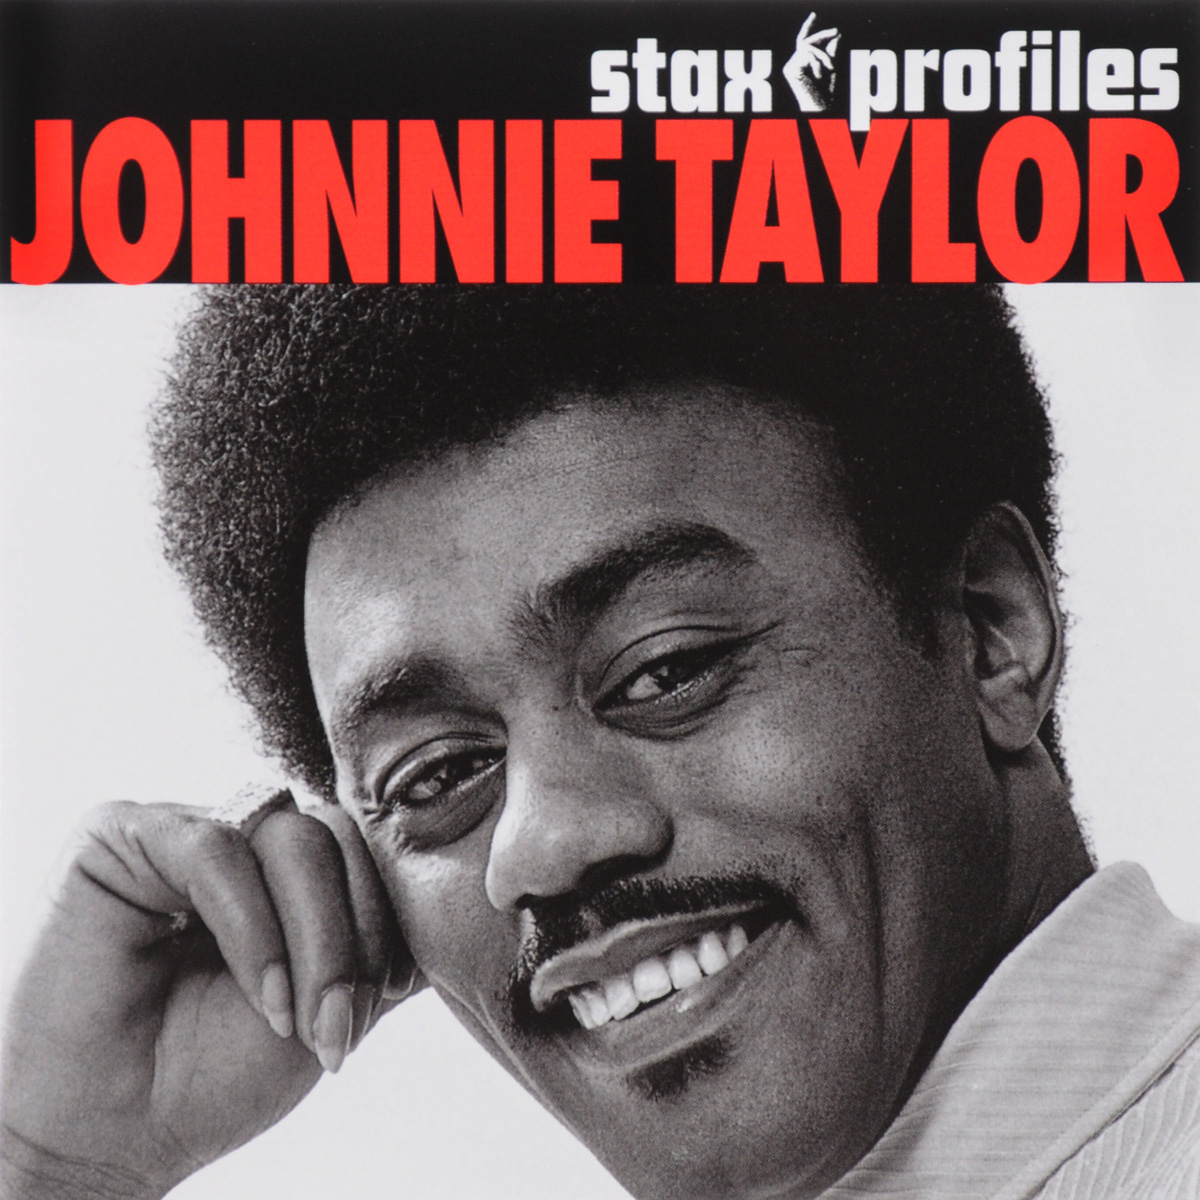 Джонни Тейлор Stax Profiles. Johnnie Taylor том тейлор страна производитель